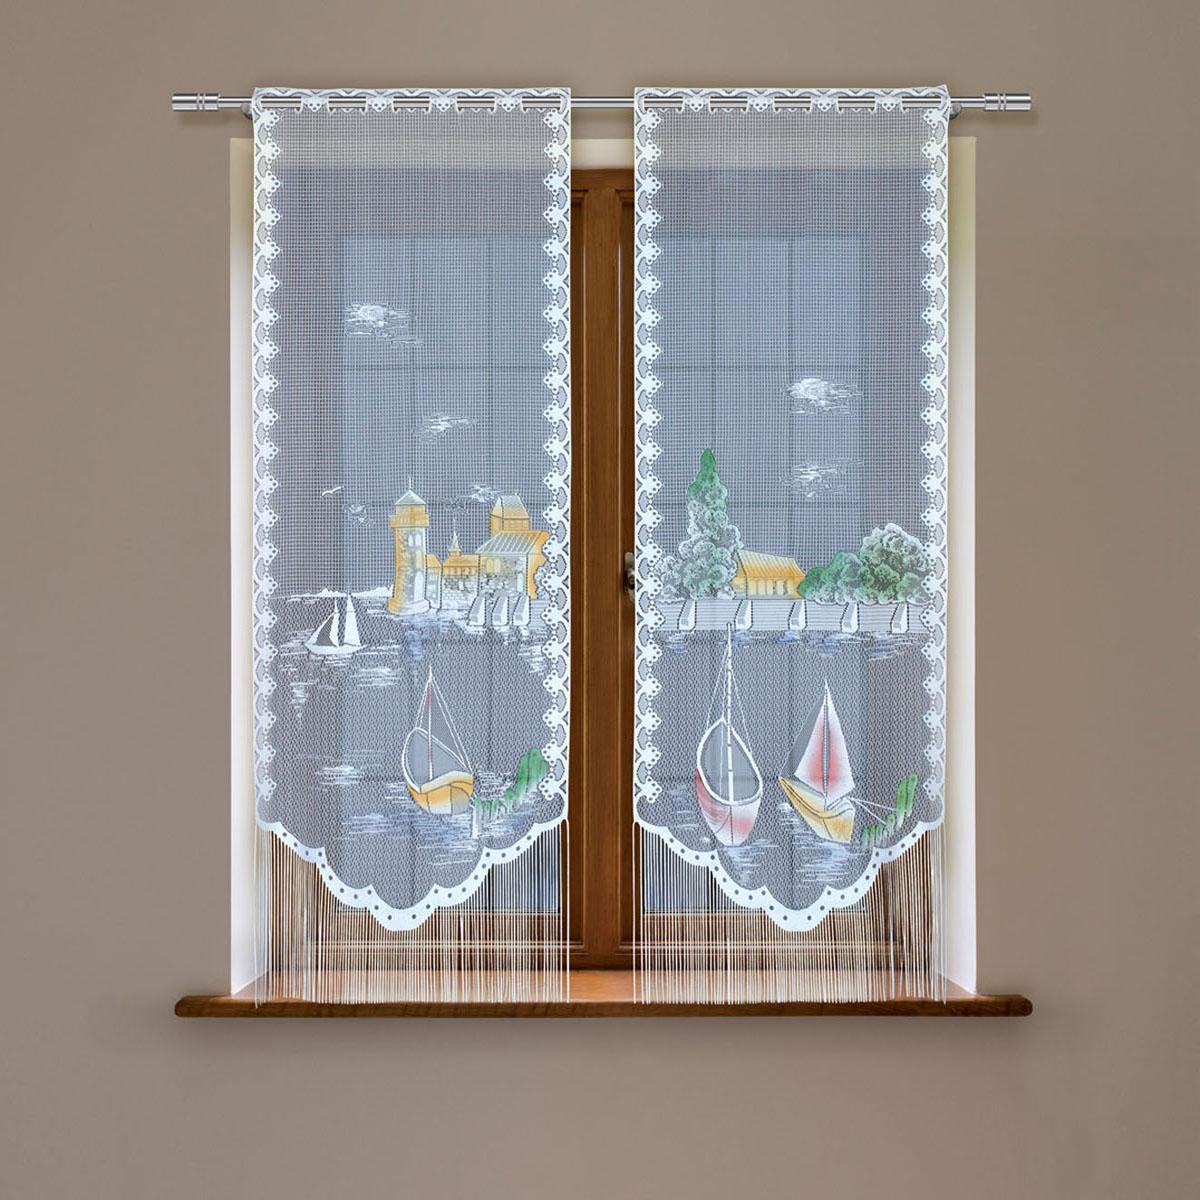 Гардина Haft, цвет: белый, высота 120 см. 5380D/60SVC-300Гардина имеет в верхней части полотна прорези, через которые гардина-витраж вывешивается на карниз или можно крепить на зажим для штор,котрый в комплект не входит.Комплект состоит из двух полотен (выс.120* шир.60) Размеры: (высота 120* ширина 60)*2